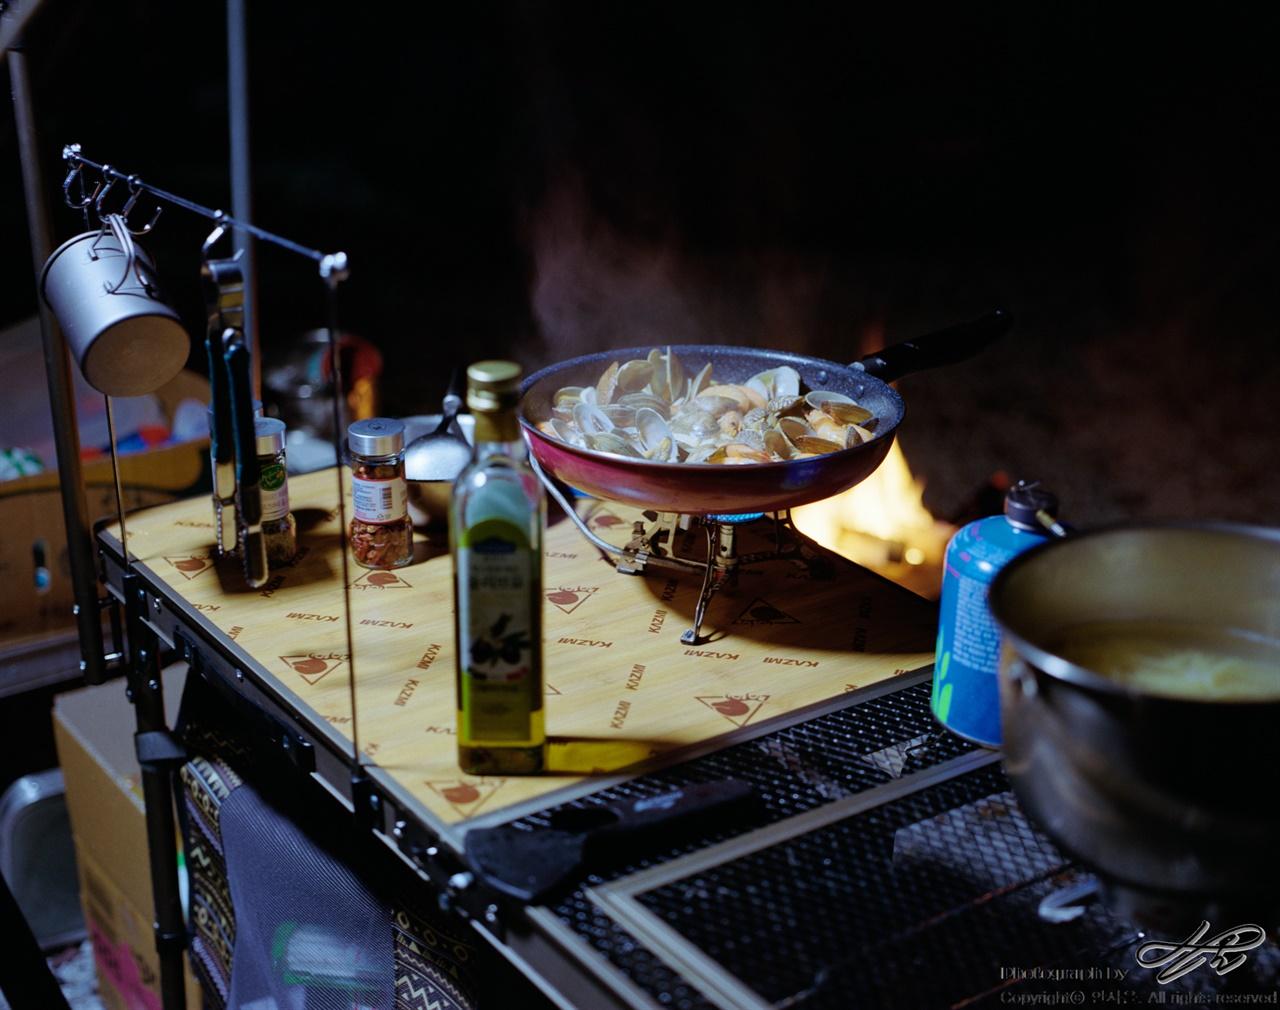 오토캠핑장에서나 가능한 요리 (67ii/Portra400)이런 요리는 오토캠핑장이어야 무리 없이 가능하다.